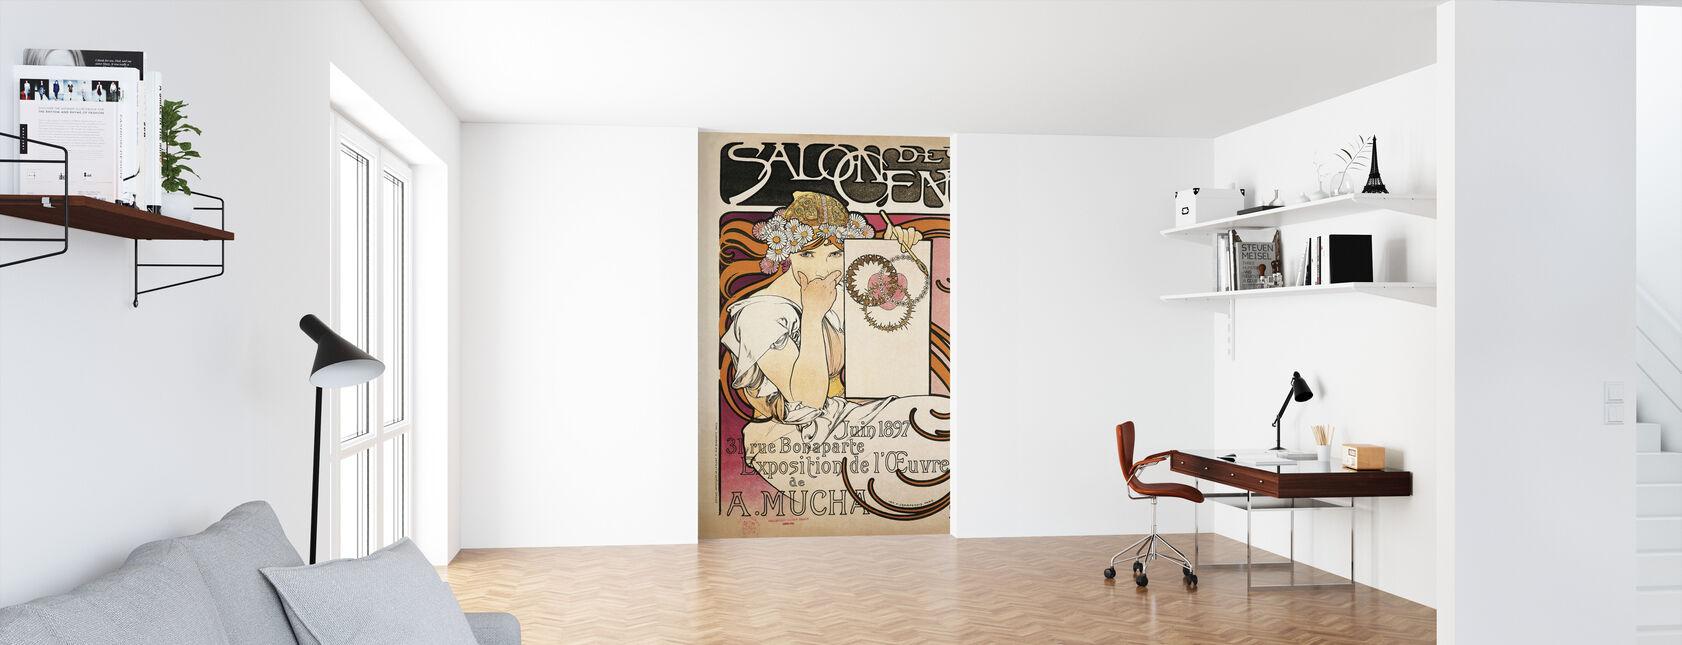 Alphonse Mucha -Salon des Cent 1897 - Wallpaper - Office